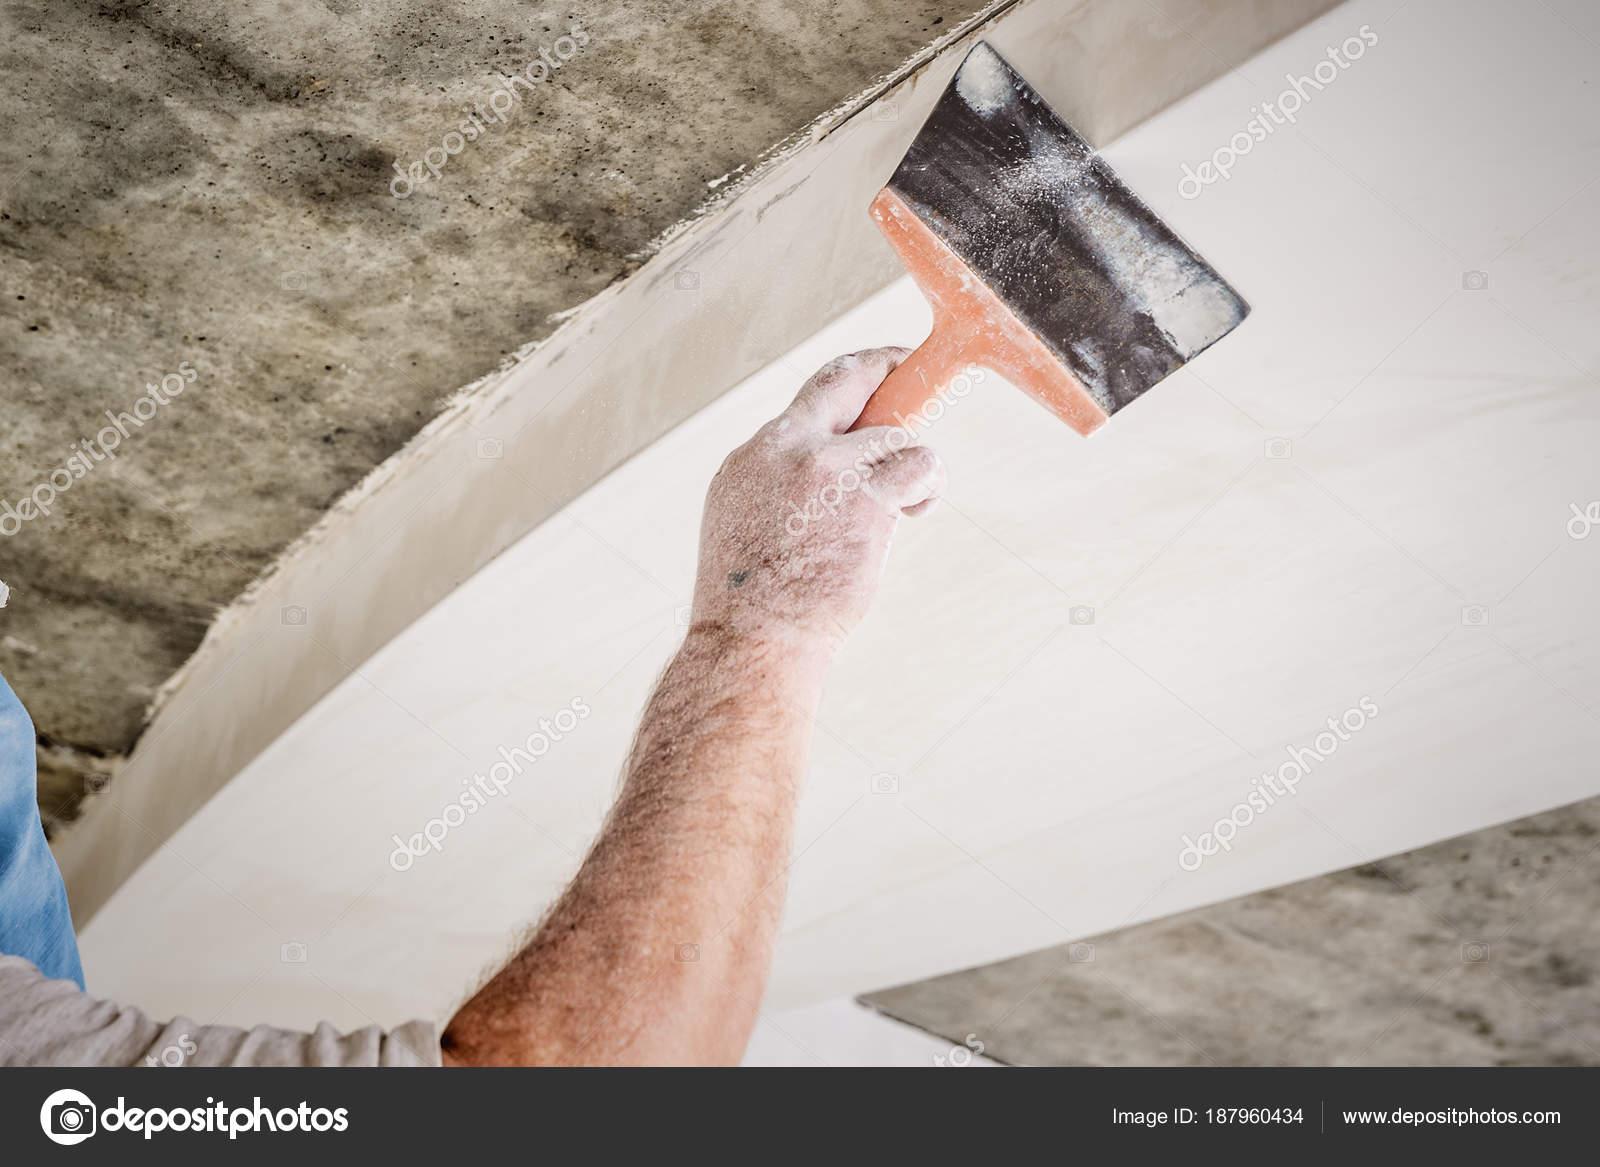 Arbeiter mit Wand verputzen Werkzeuge — Stockfoto © bozhdb #187960434